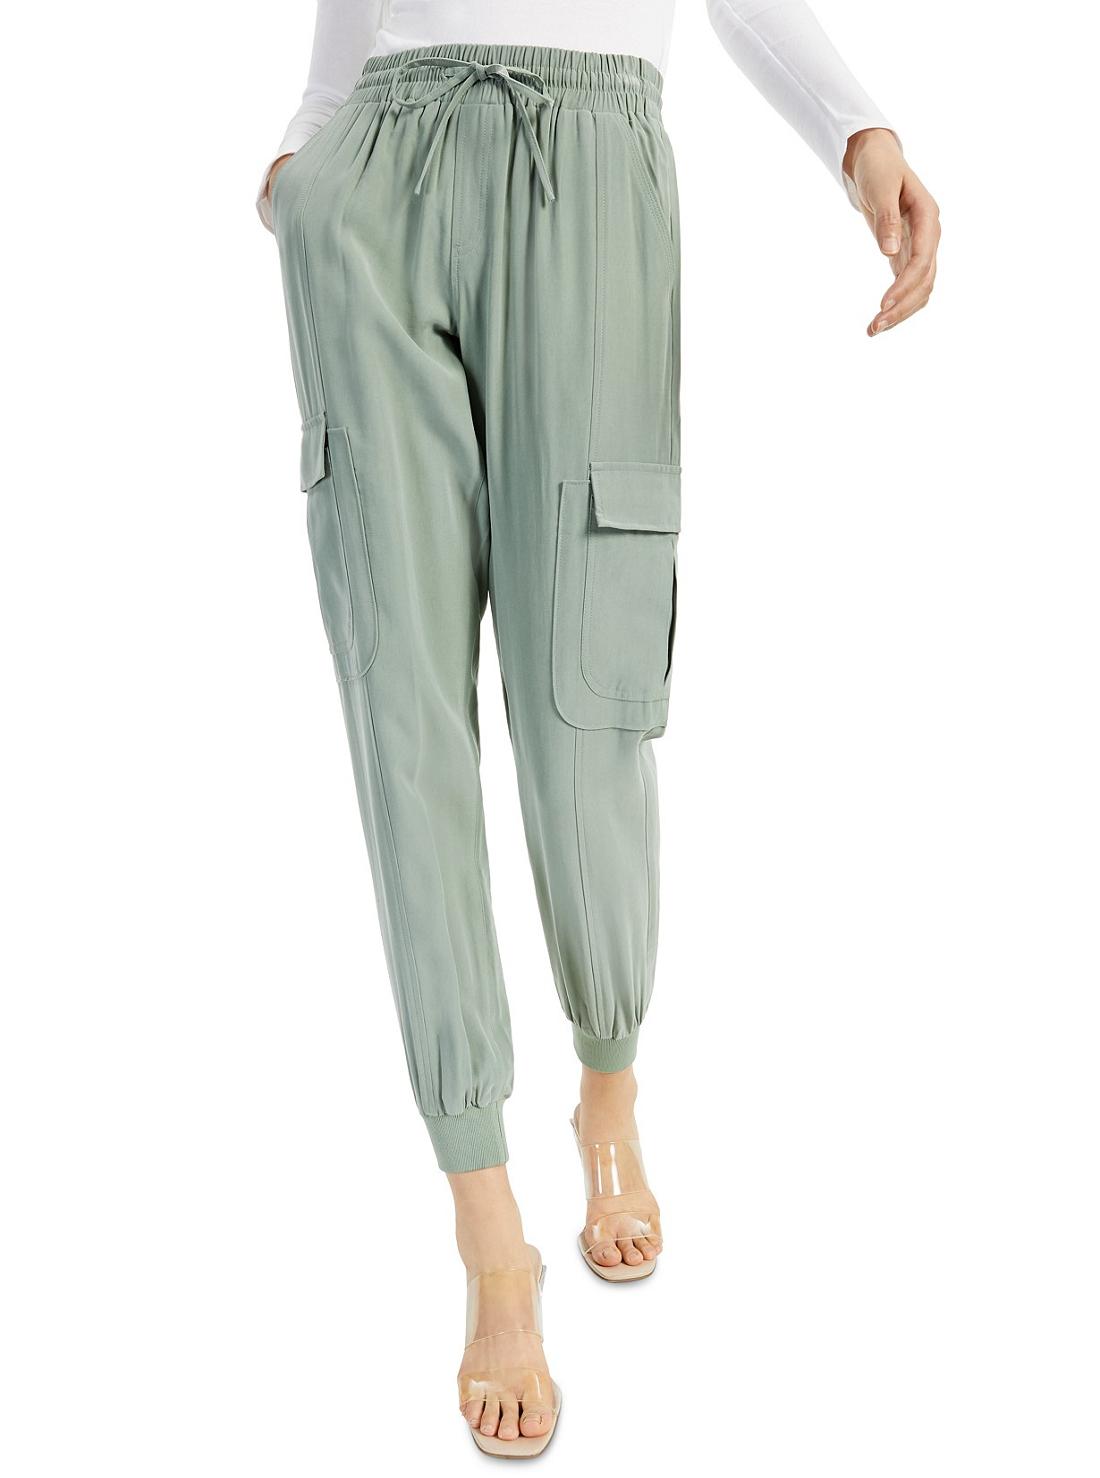 3 Wholesale Women's Casual Jogger Pants